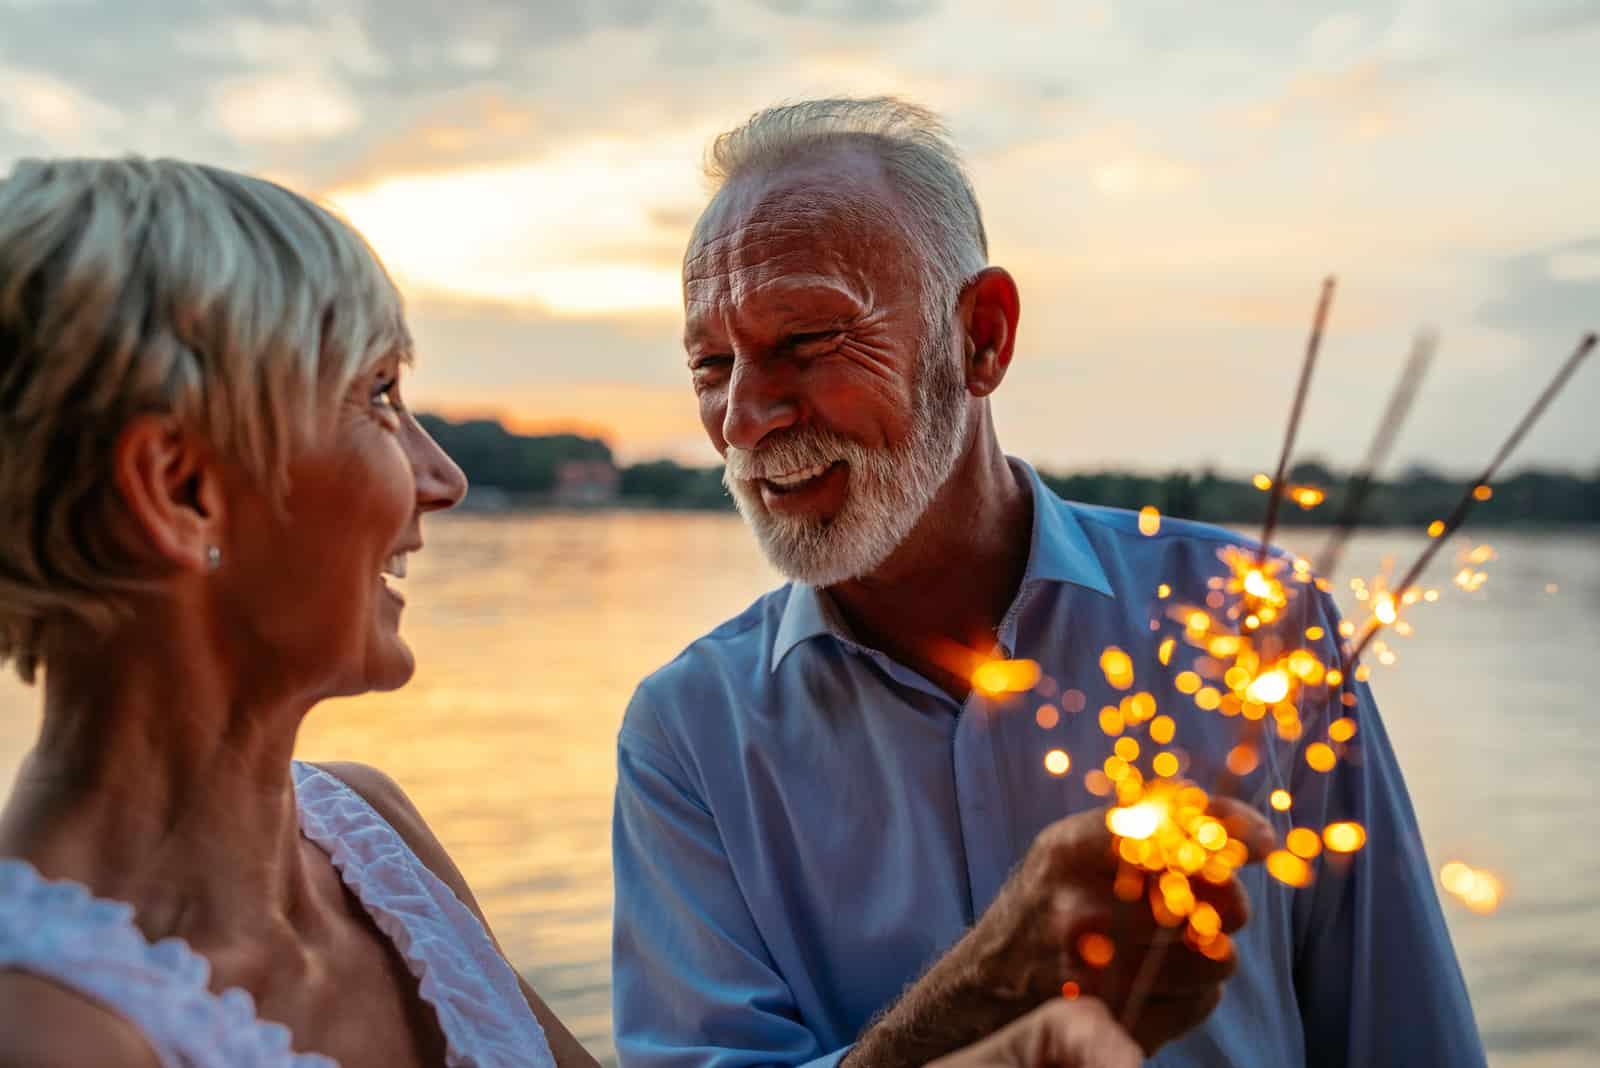 glückliches älteres Paar, das mit Wunderkerzen am Fluss feiert